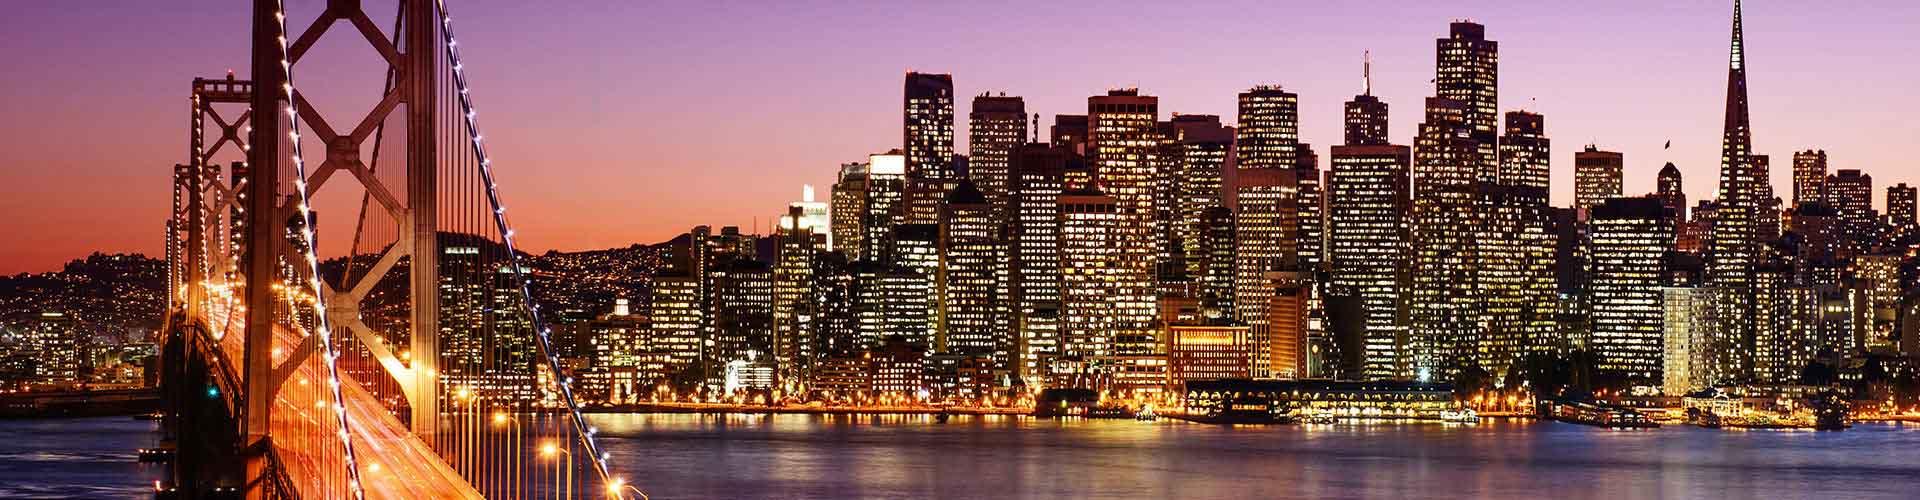 샌프란시스코 - 트랜스베이 터미널와 가까운 호스텔. 샌프란시스코의 지도, 샌프란시스코에 위치한 호스텔 사진 및 후기 정보.